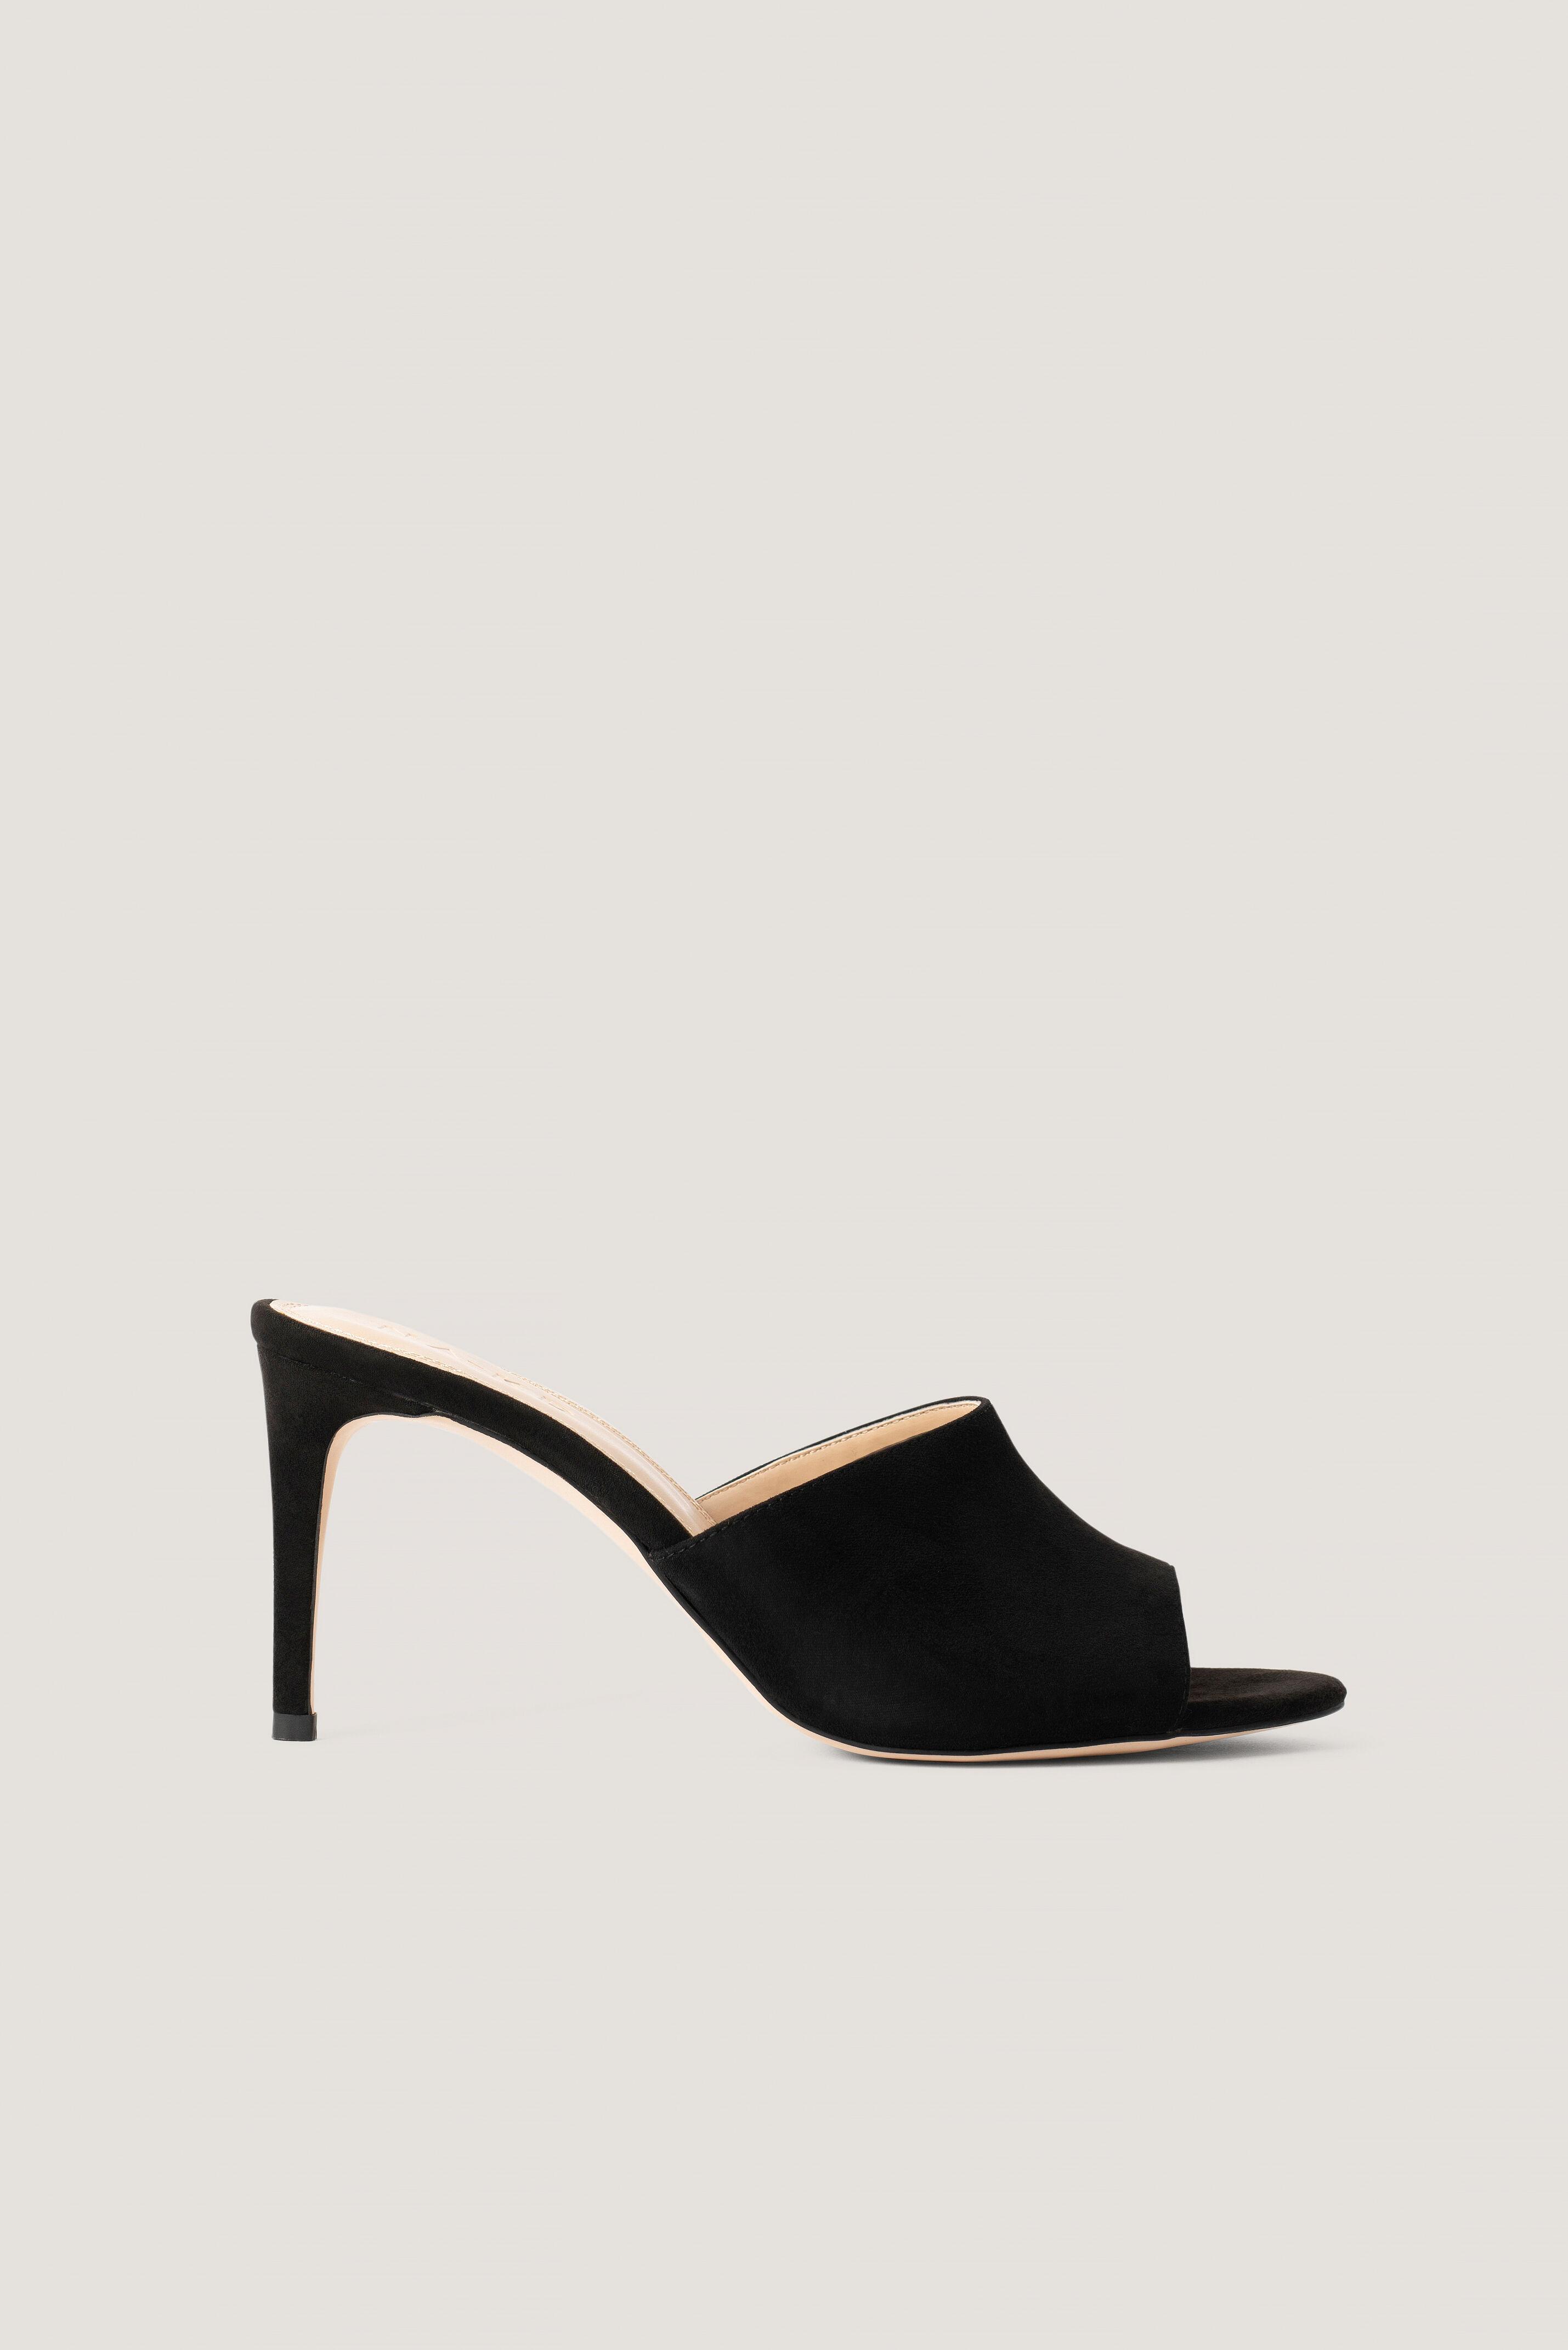 NA-KD Shoes Stiletto Mules - Black